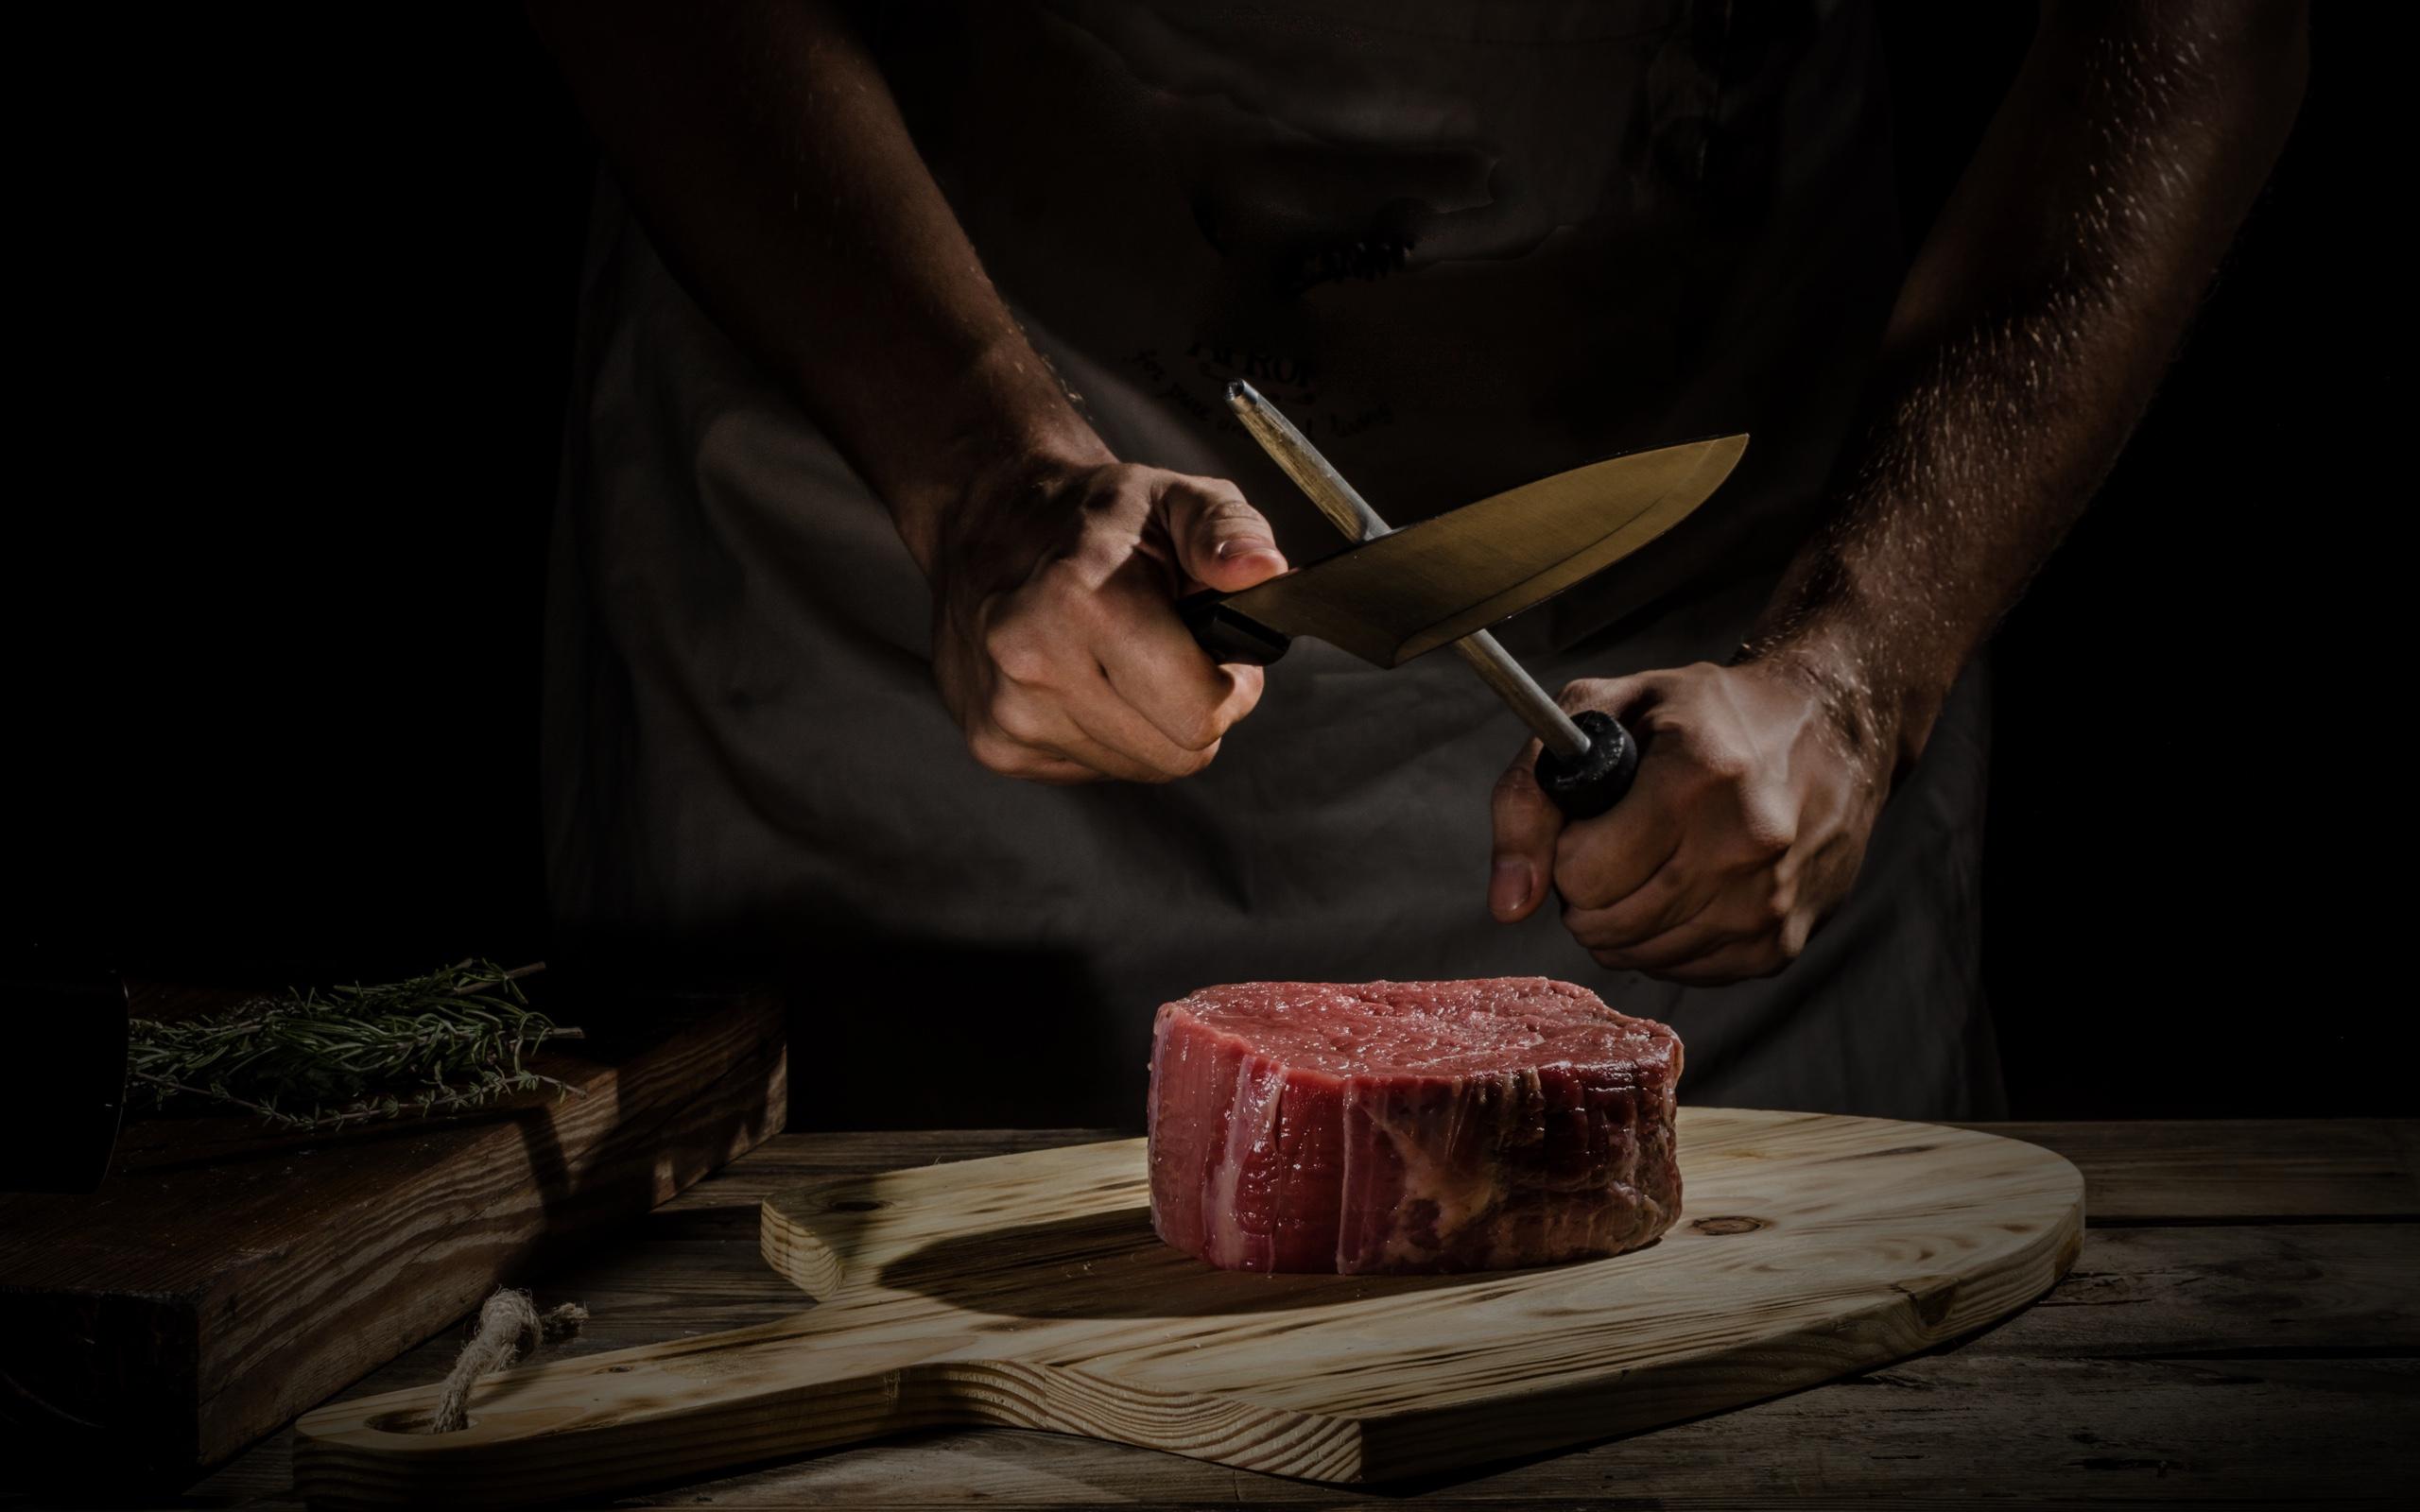 Fleisch mit Messer